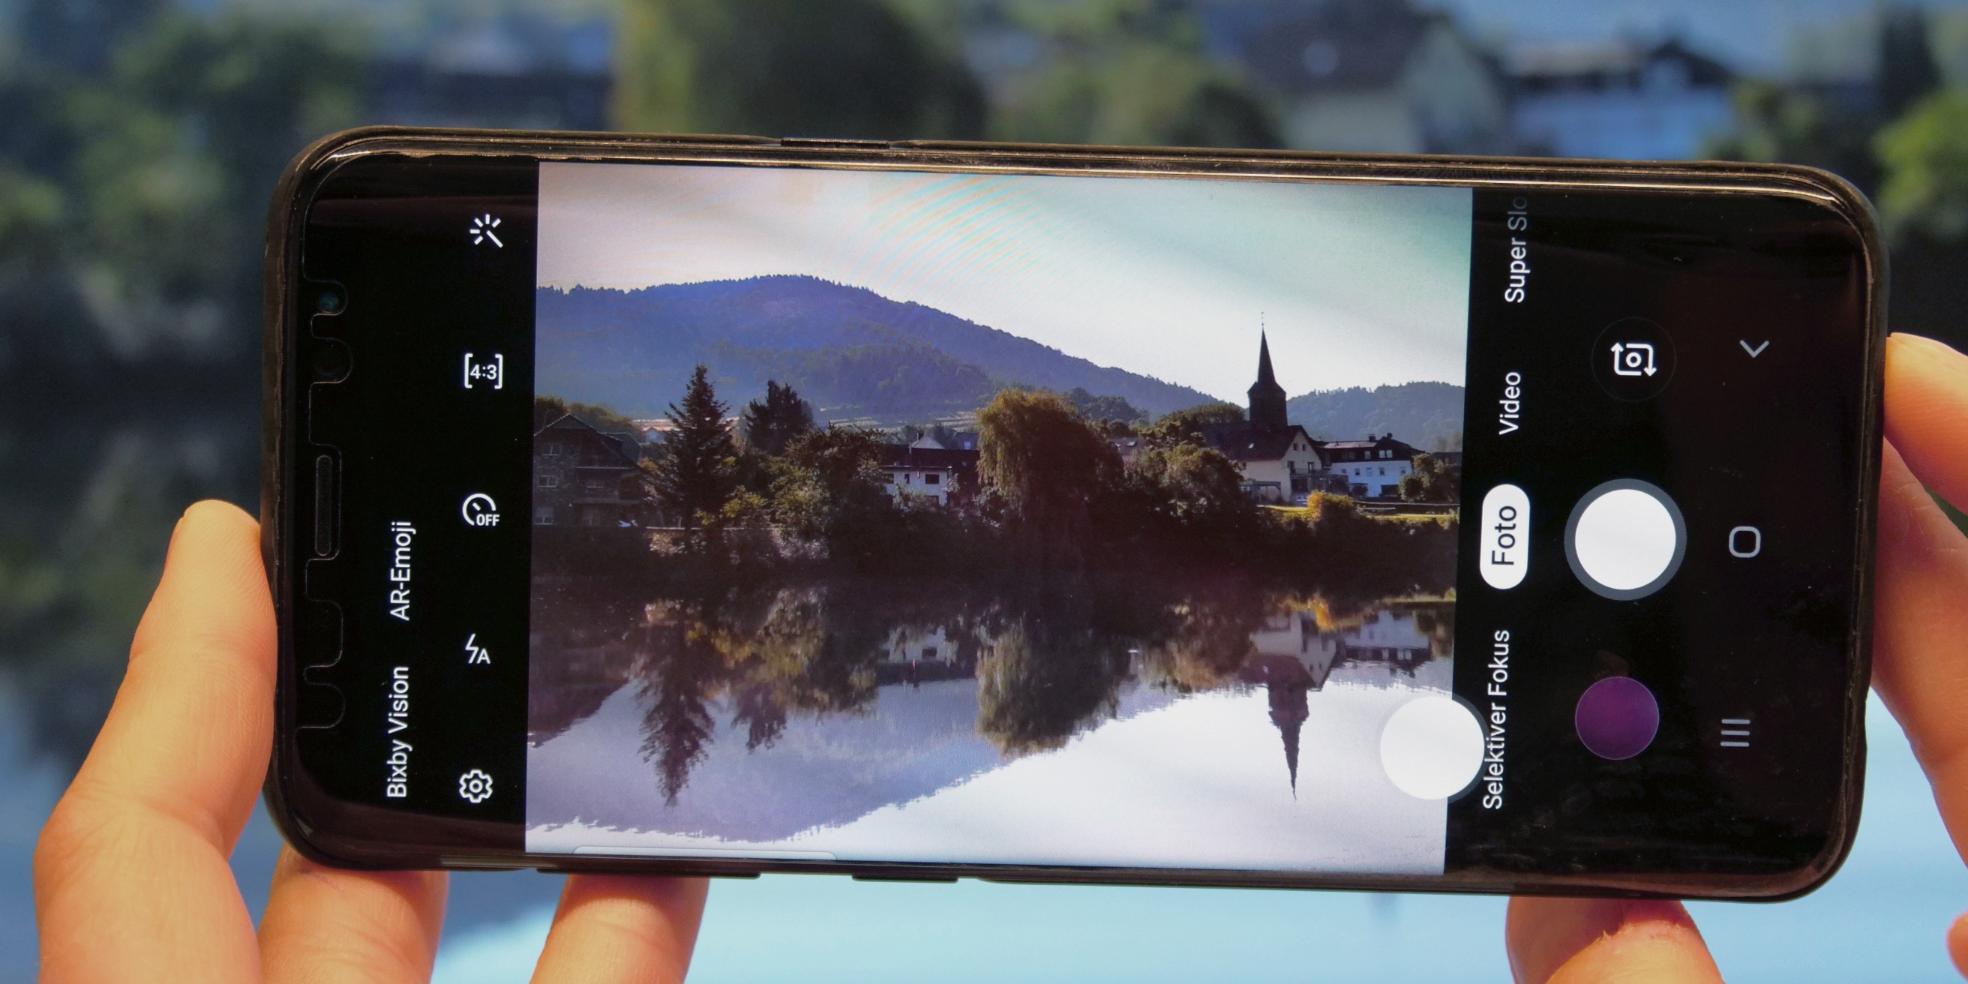 Mit Der Kamera Das Bistum Aachen Ganz Neu Entdecken Bistum Aachen